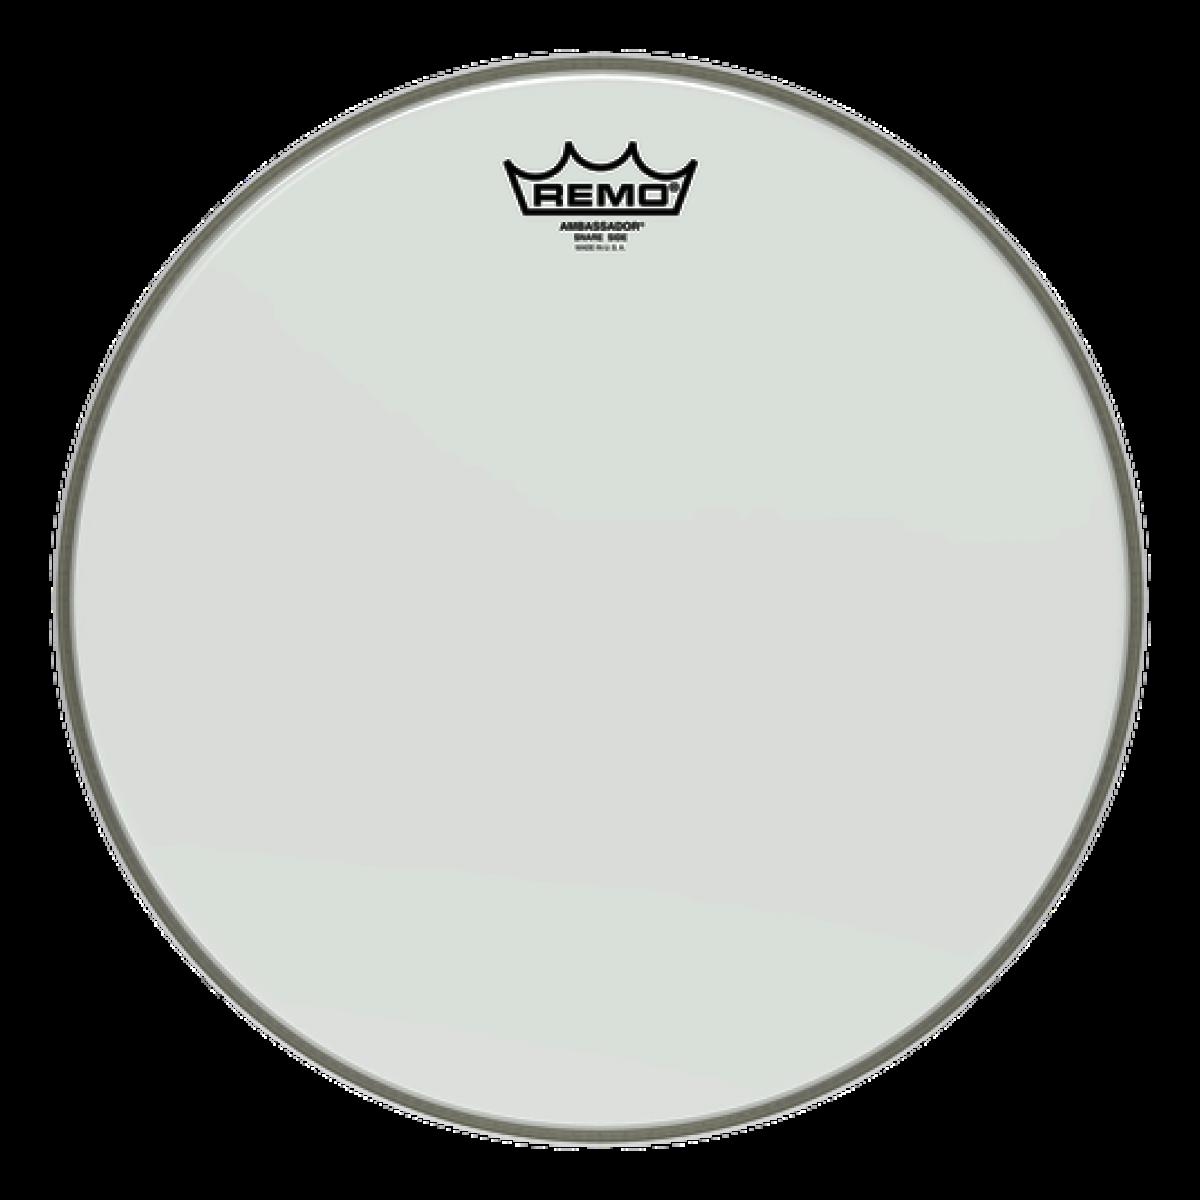 remo sa 0114 00 14 ambassador hazy snare side drum head skin. Black Bedroom Furniture Sets. Home Design Ideas